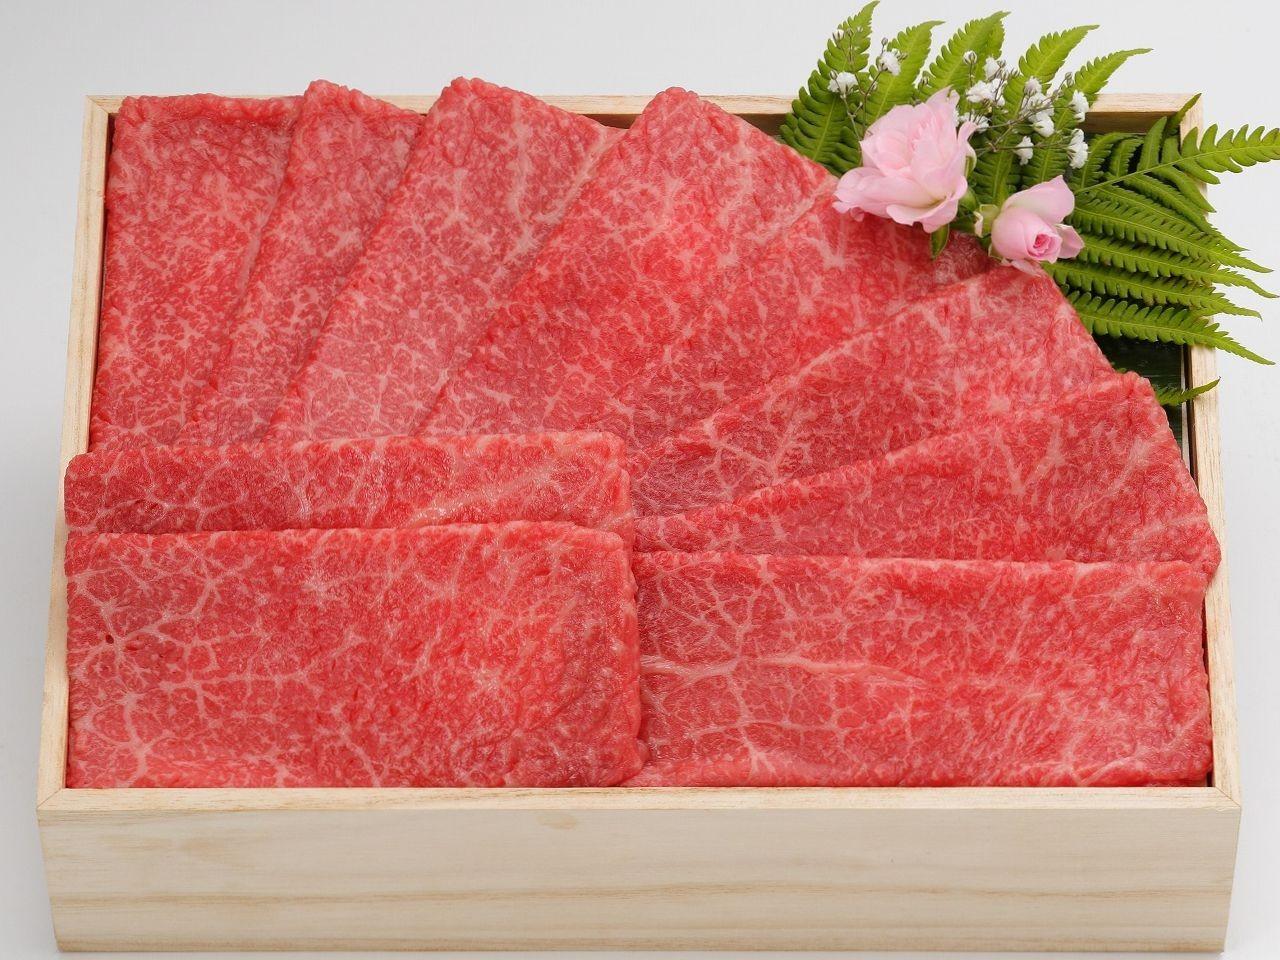 米沢牛 しゃぶしゃぶ 赤身